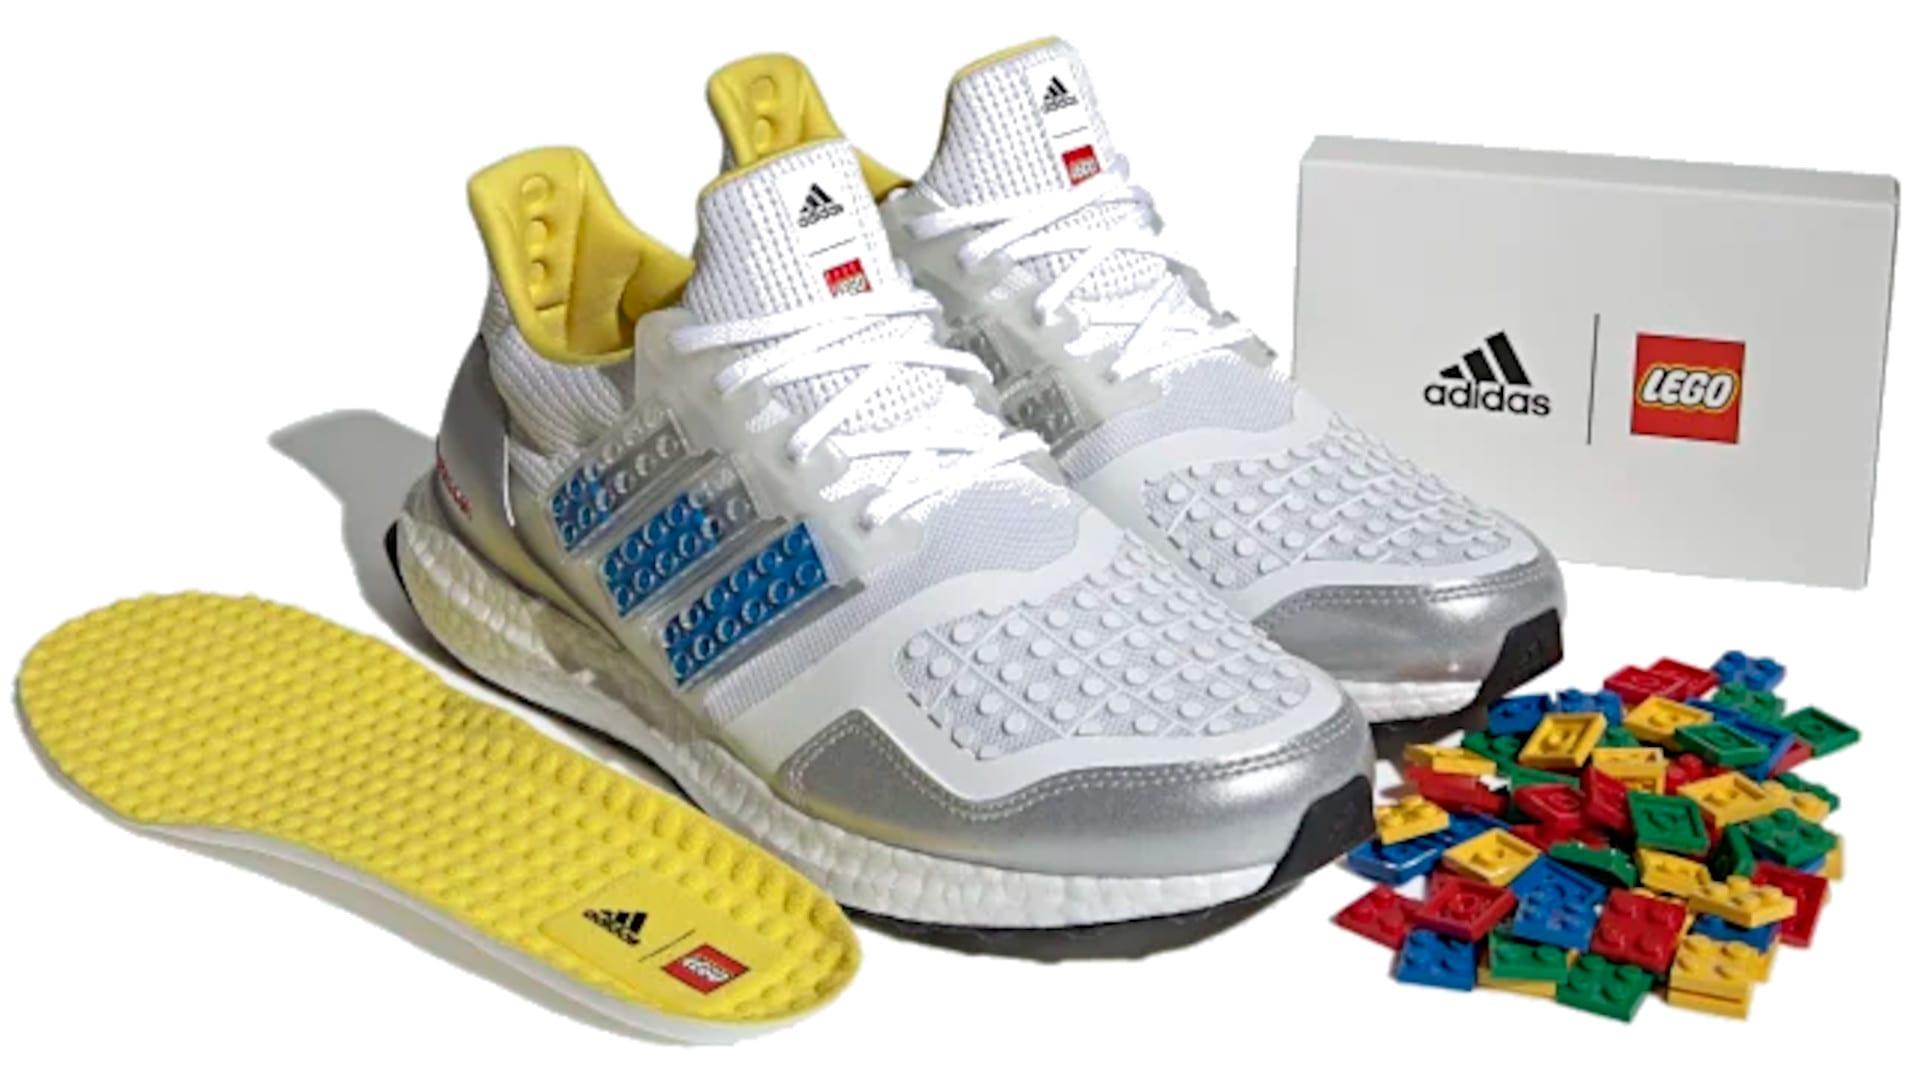 Lego x Adidas Sneaker